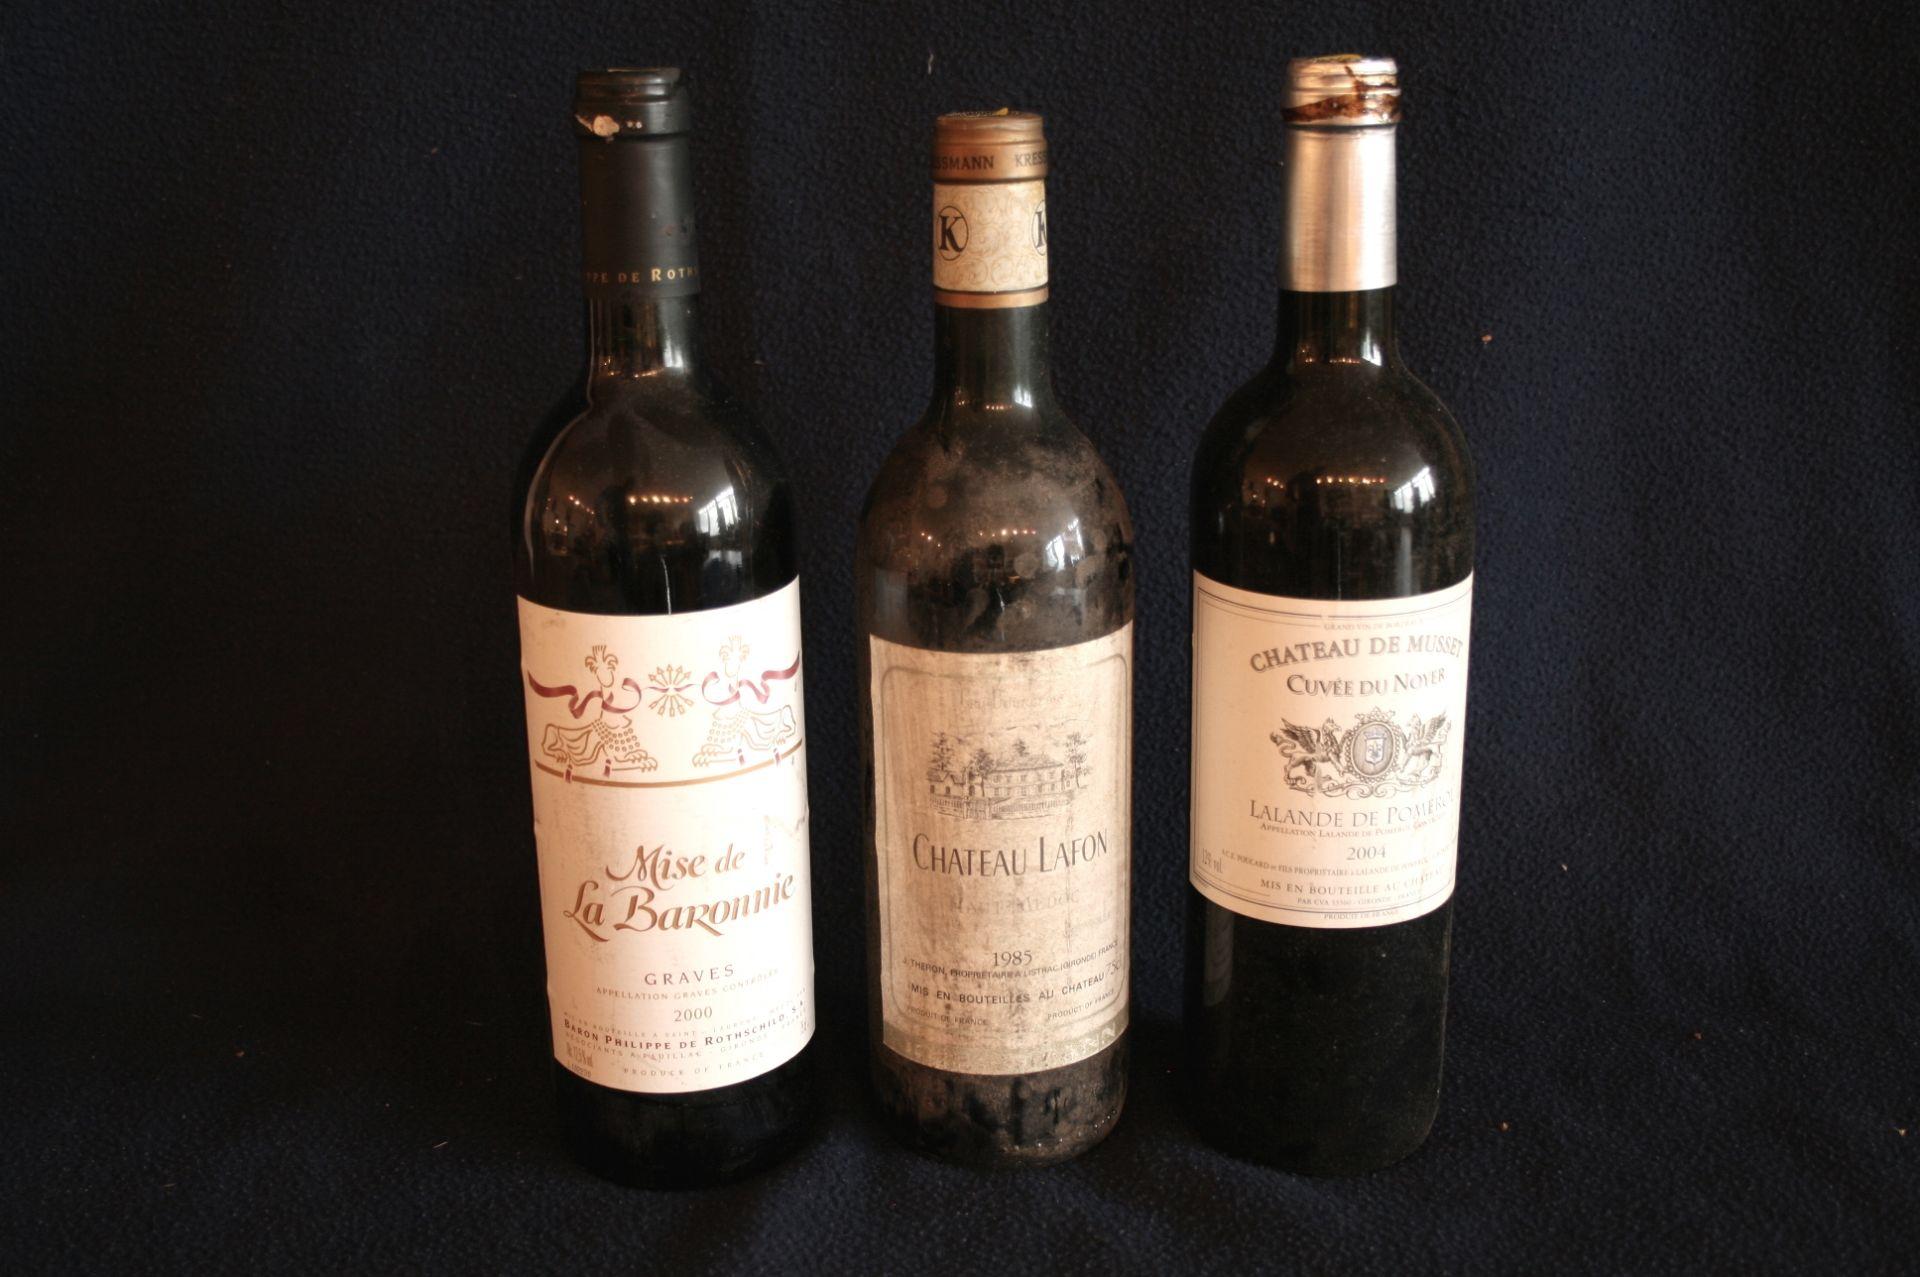 Los 47 - 1 bouteille de Bordeaux GRAVES, Mise de la Baronnie (Philippe de Rothschild), rouge, [...]